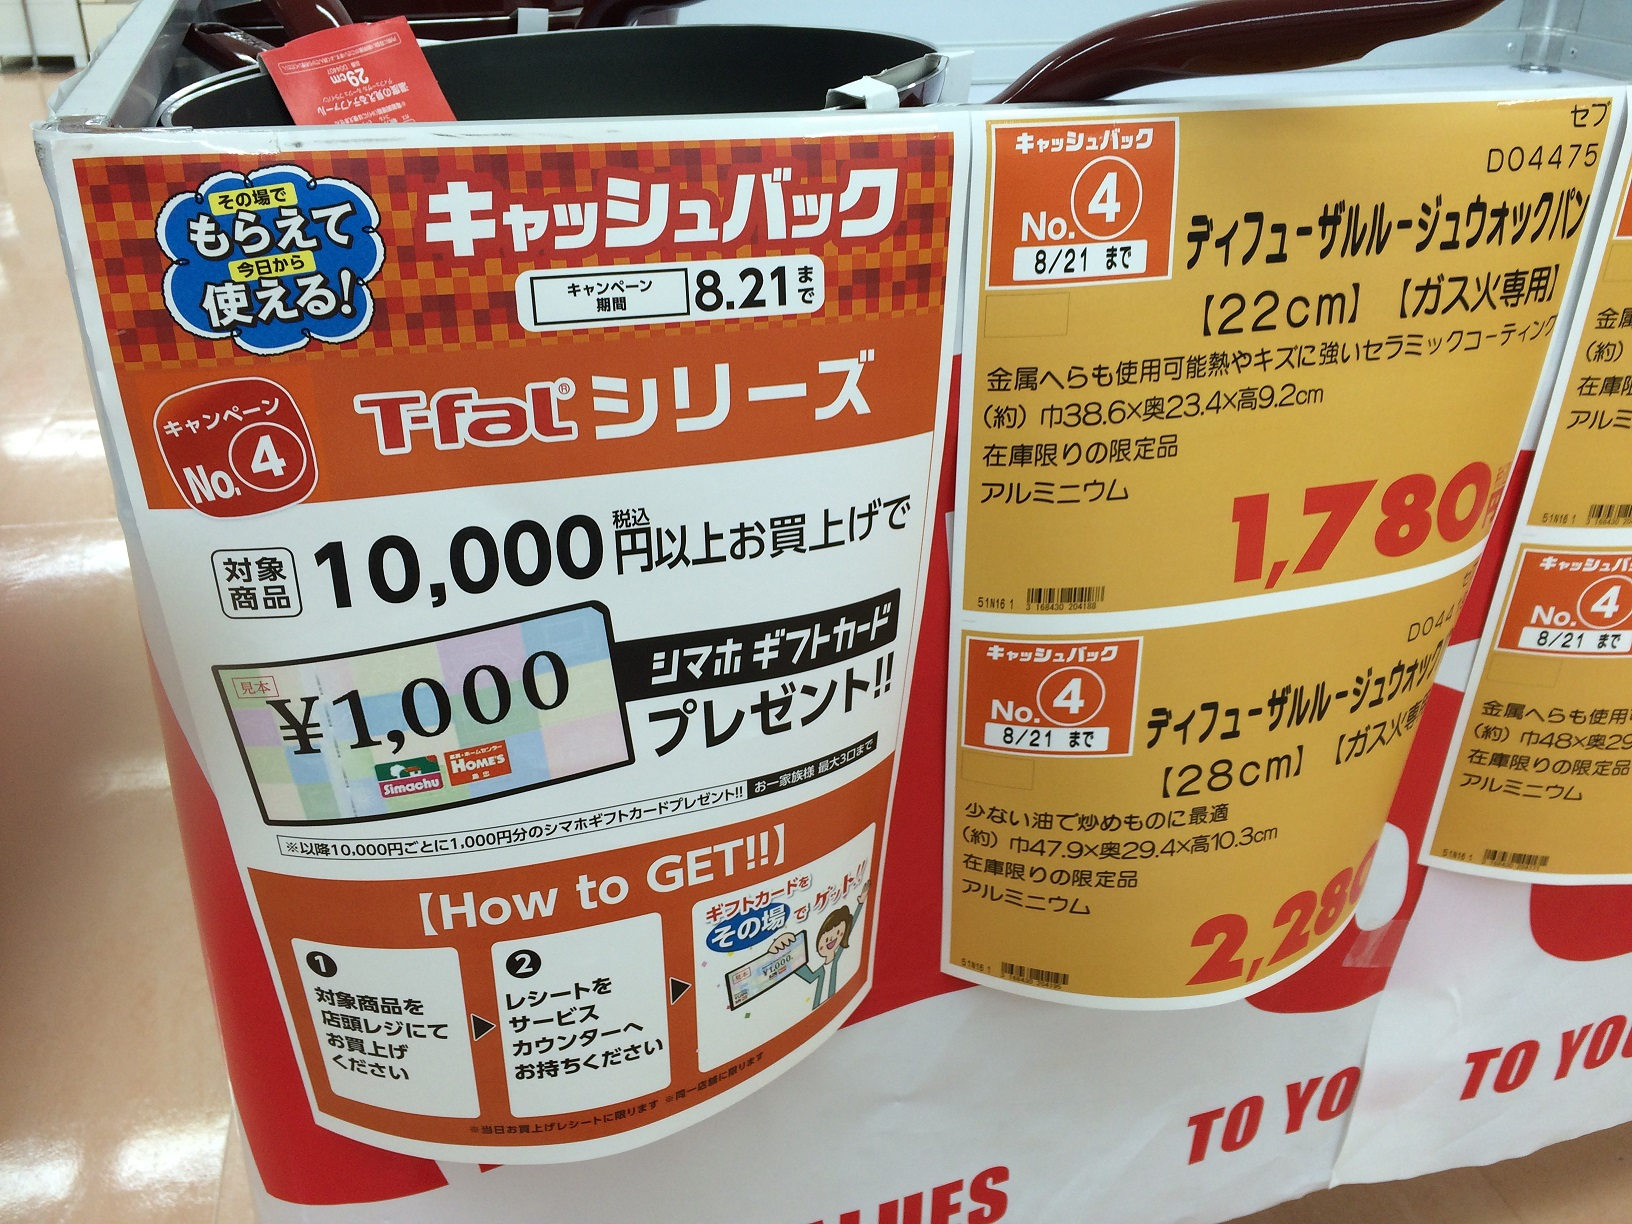 島忠決算セールキャンペーン